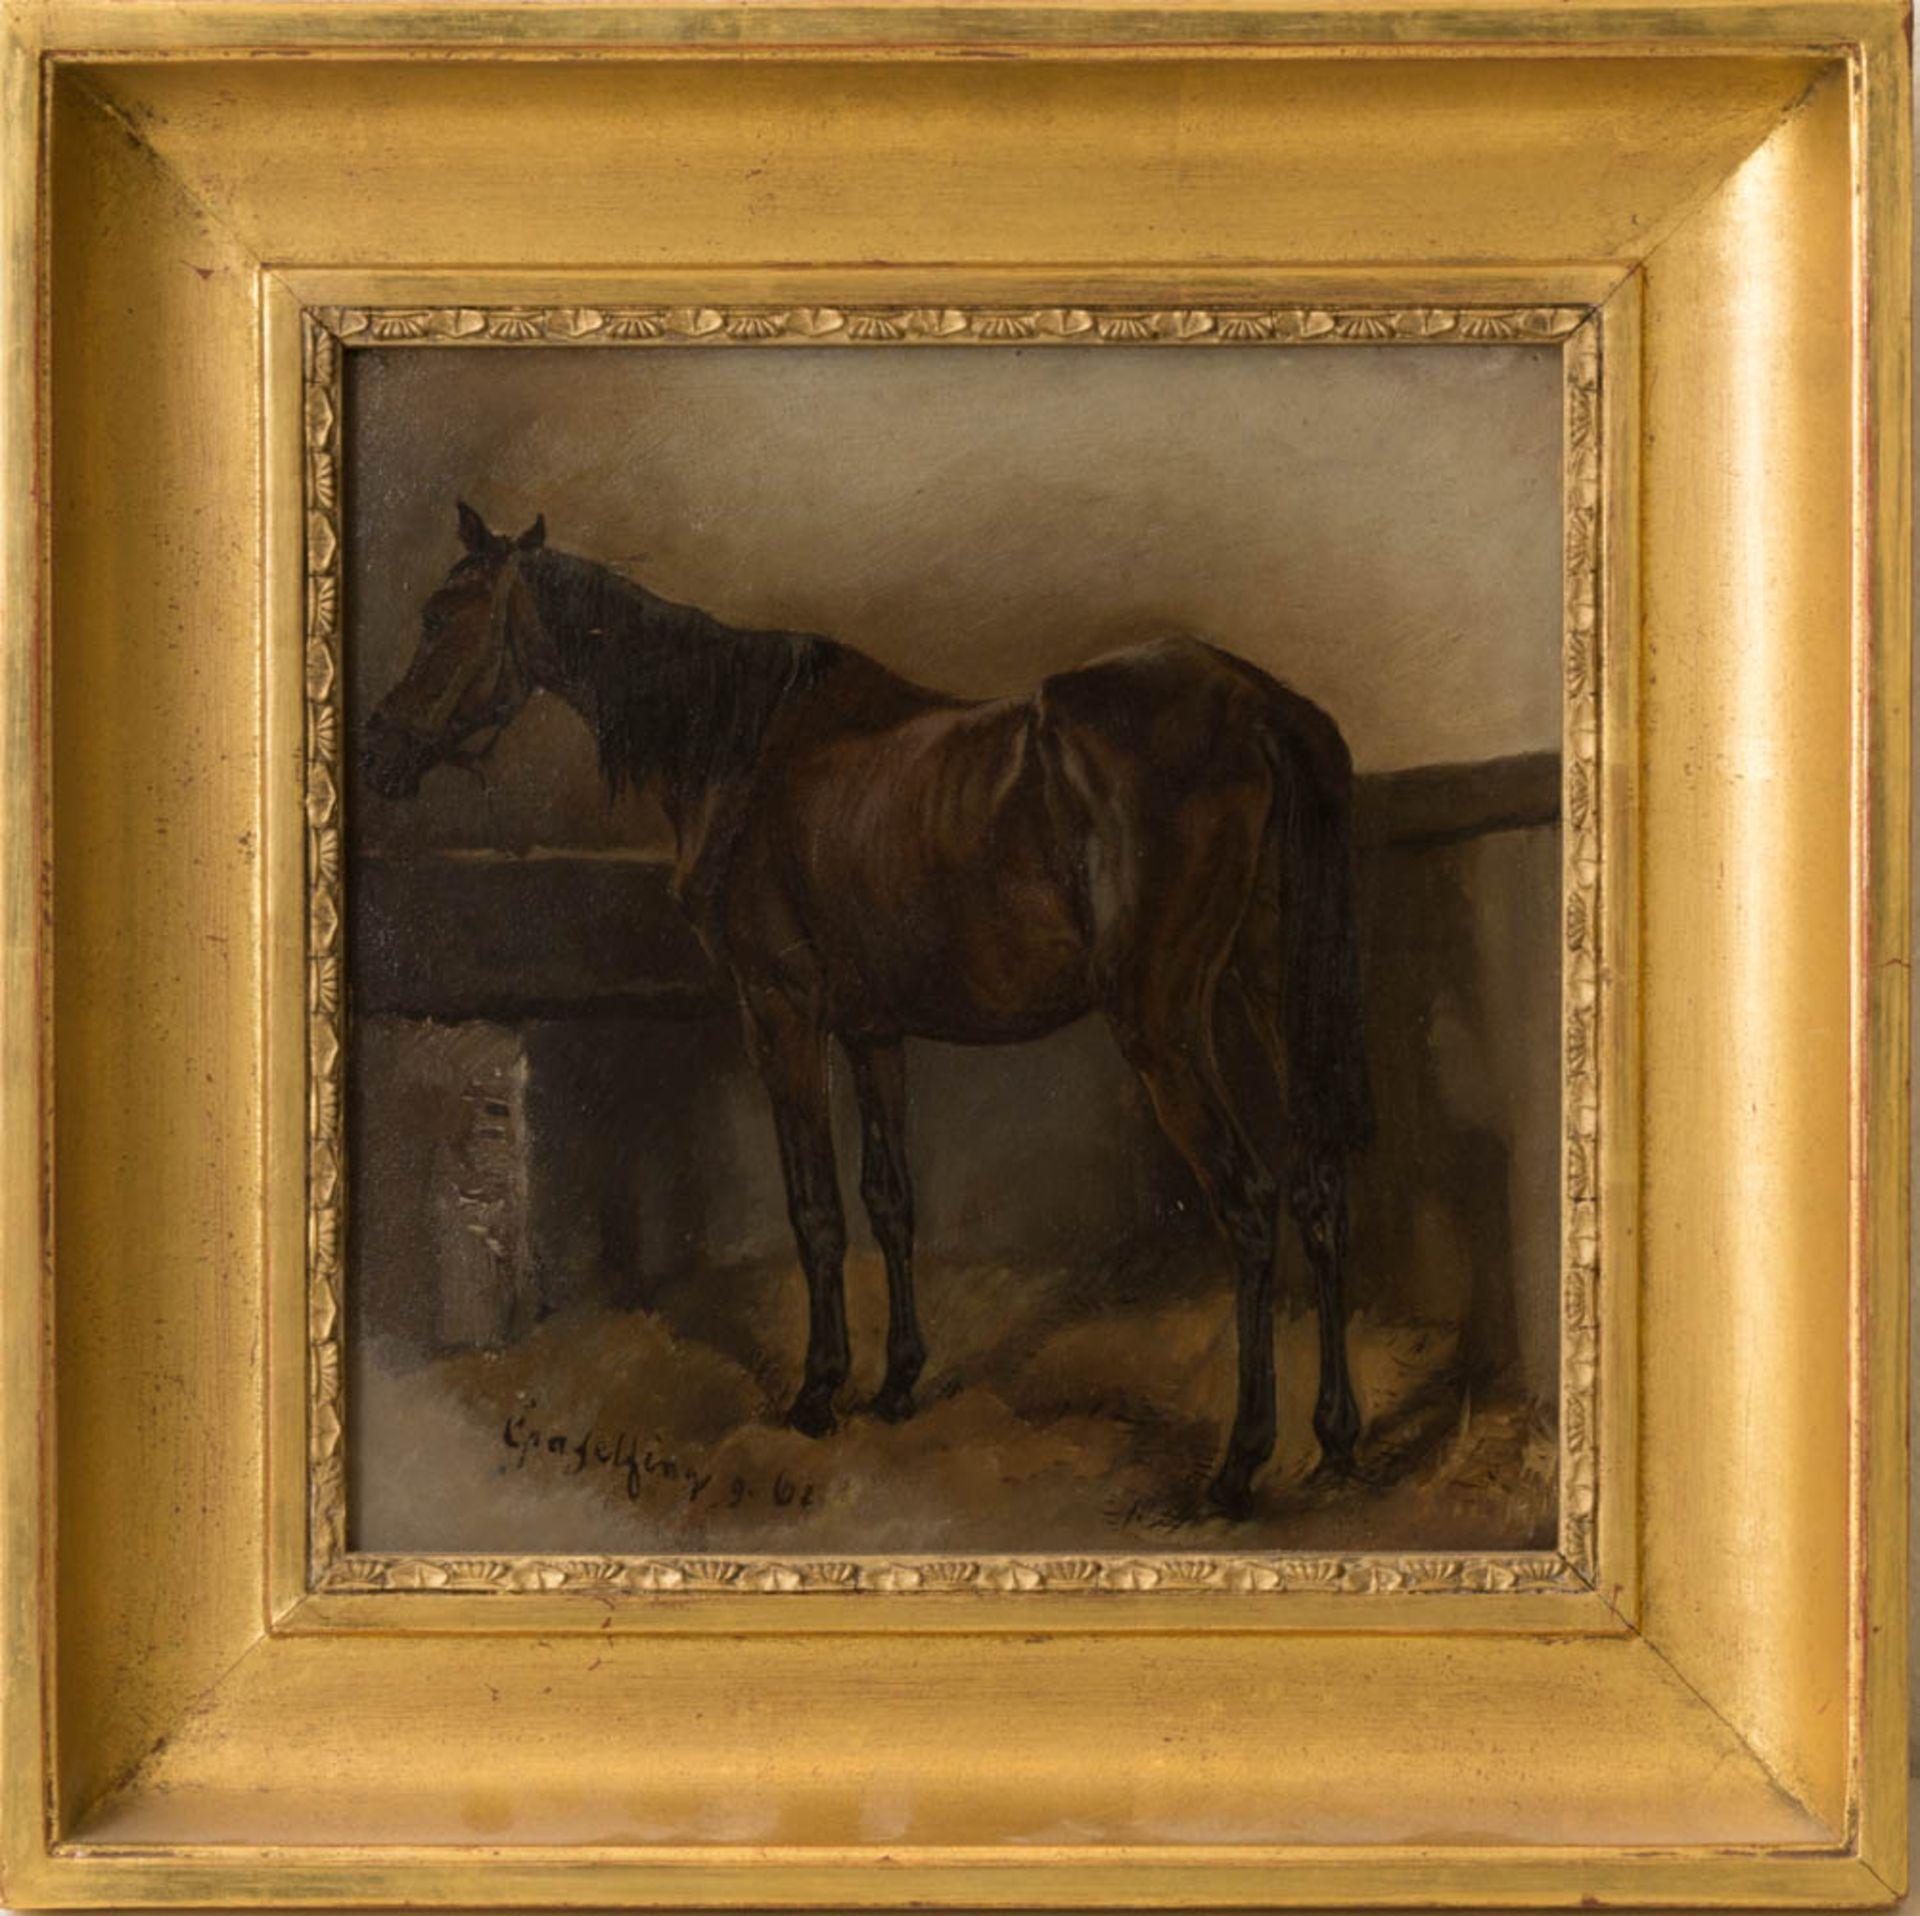 Wilhelm von Diez, Pferdestudie, Öl auf Platte, 19. Jh.